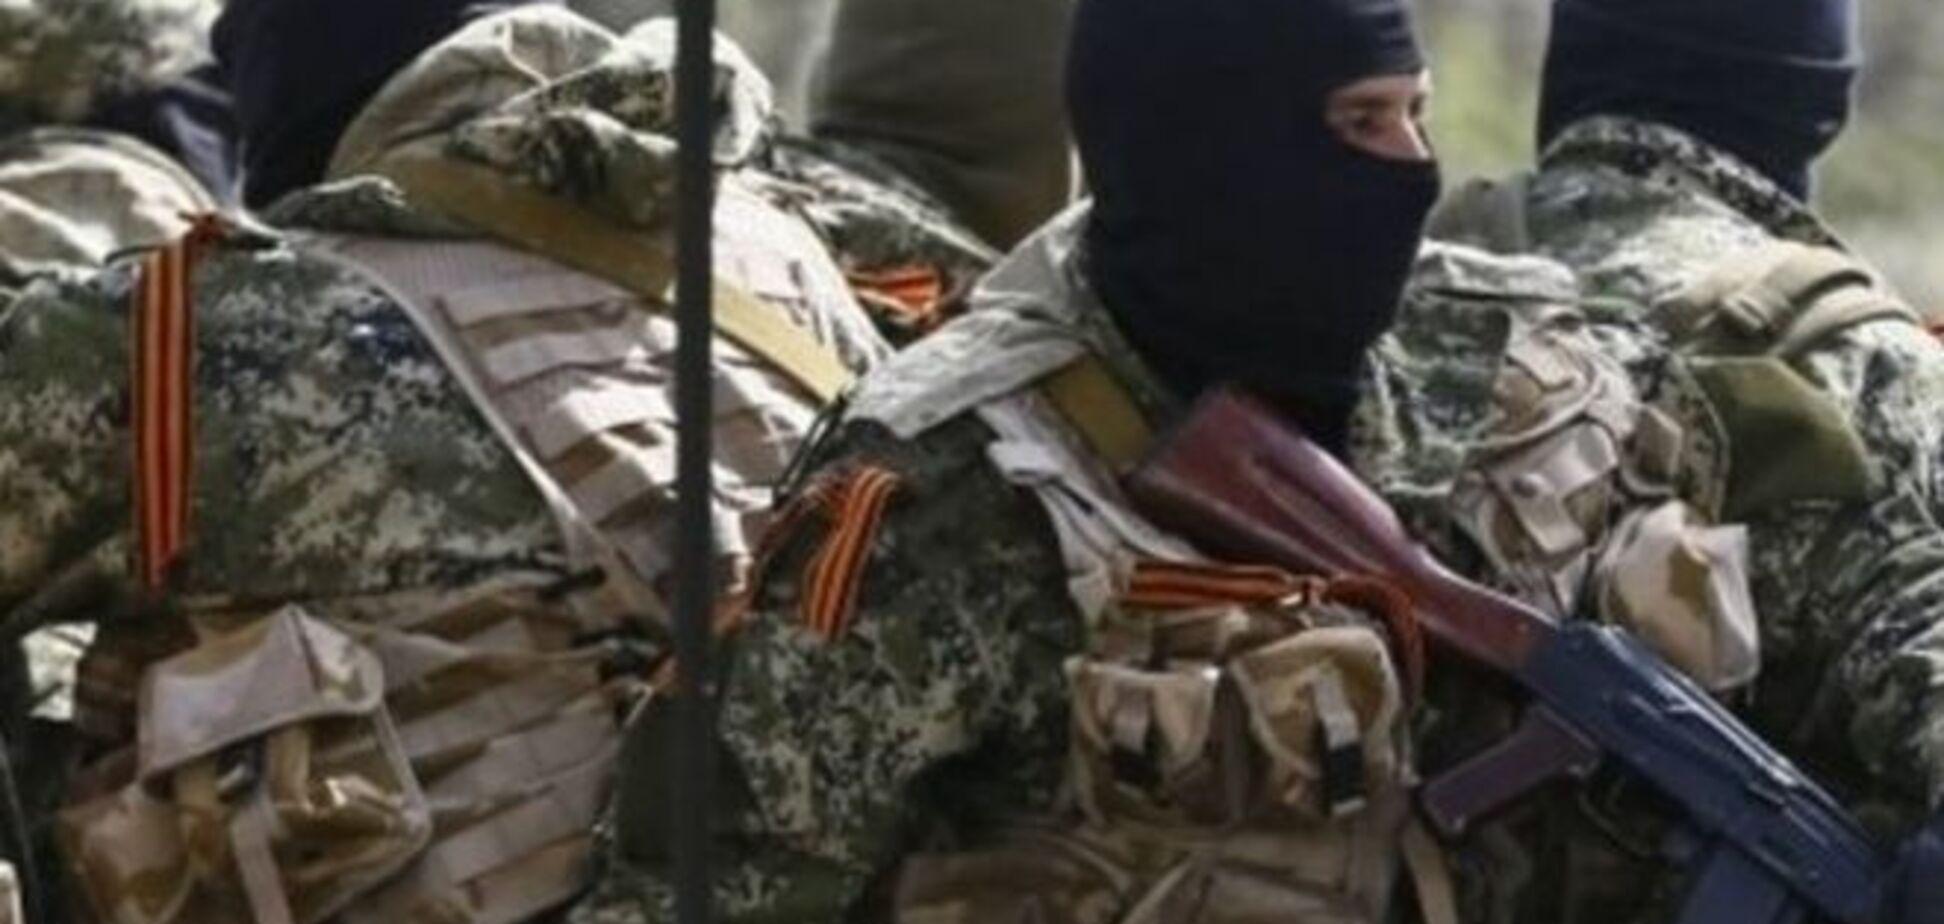 Вблизи оккупированных террористами городов обнаружены концлагеря и пыточные